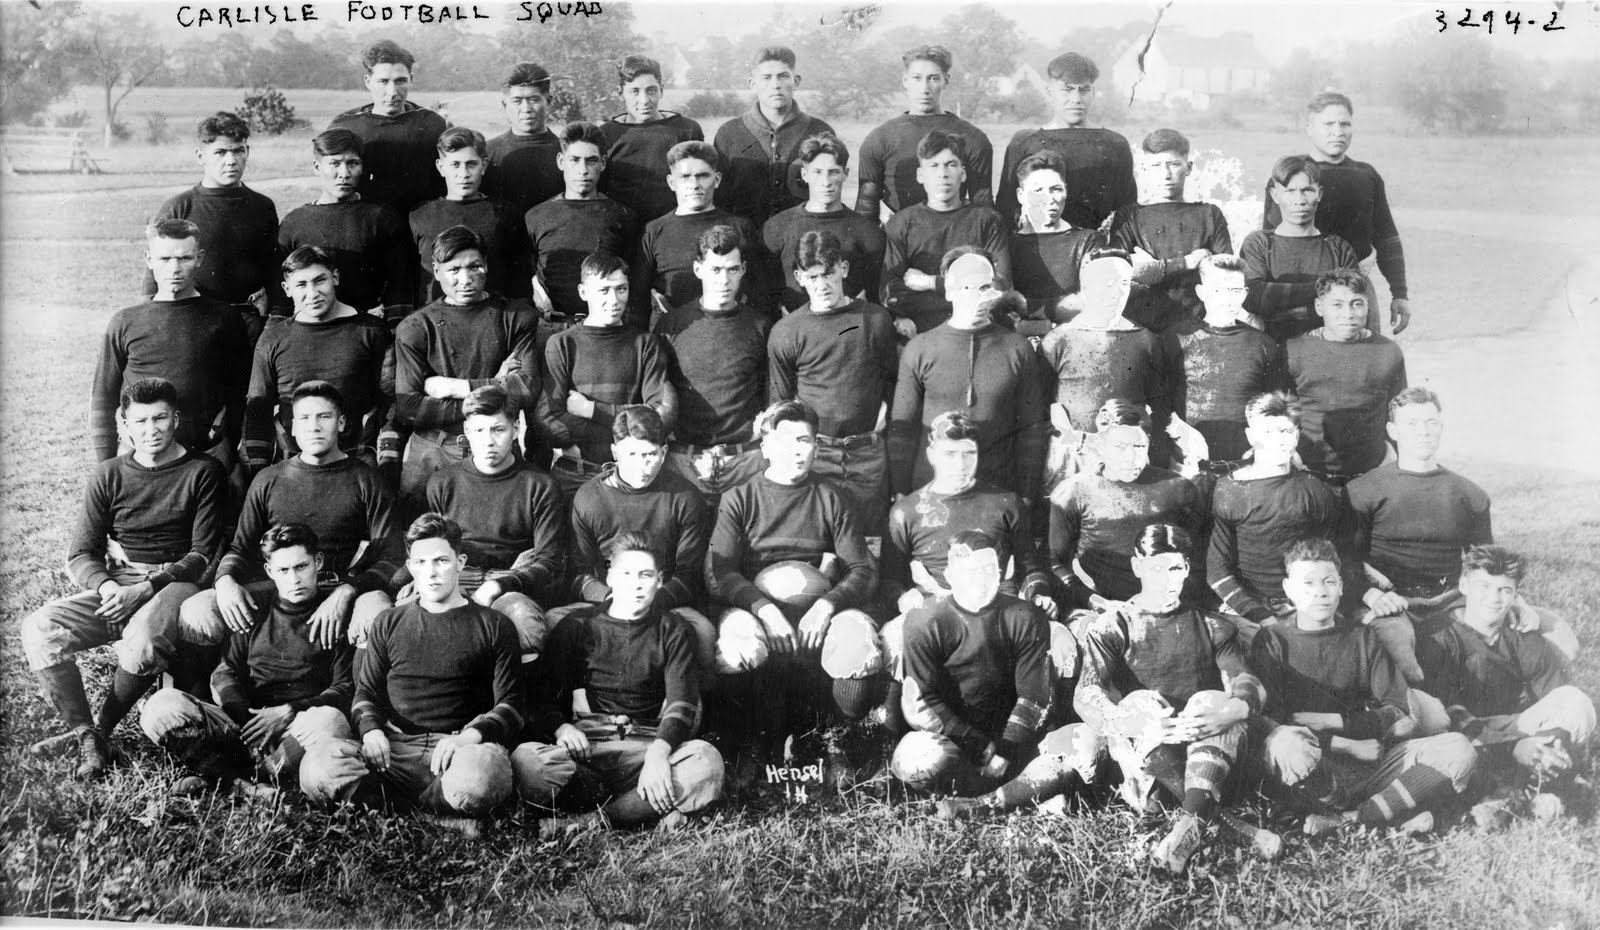 Carlisle football team